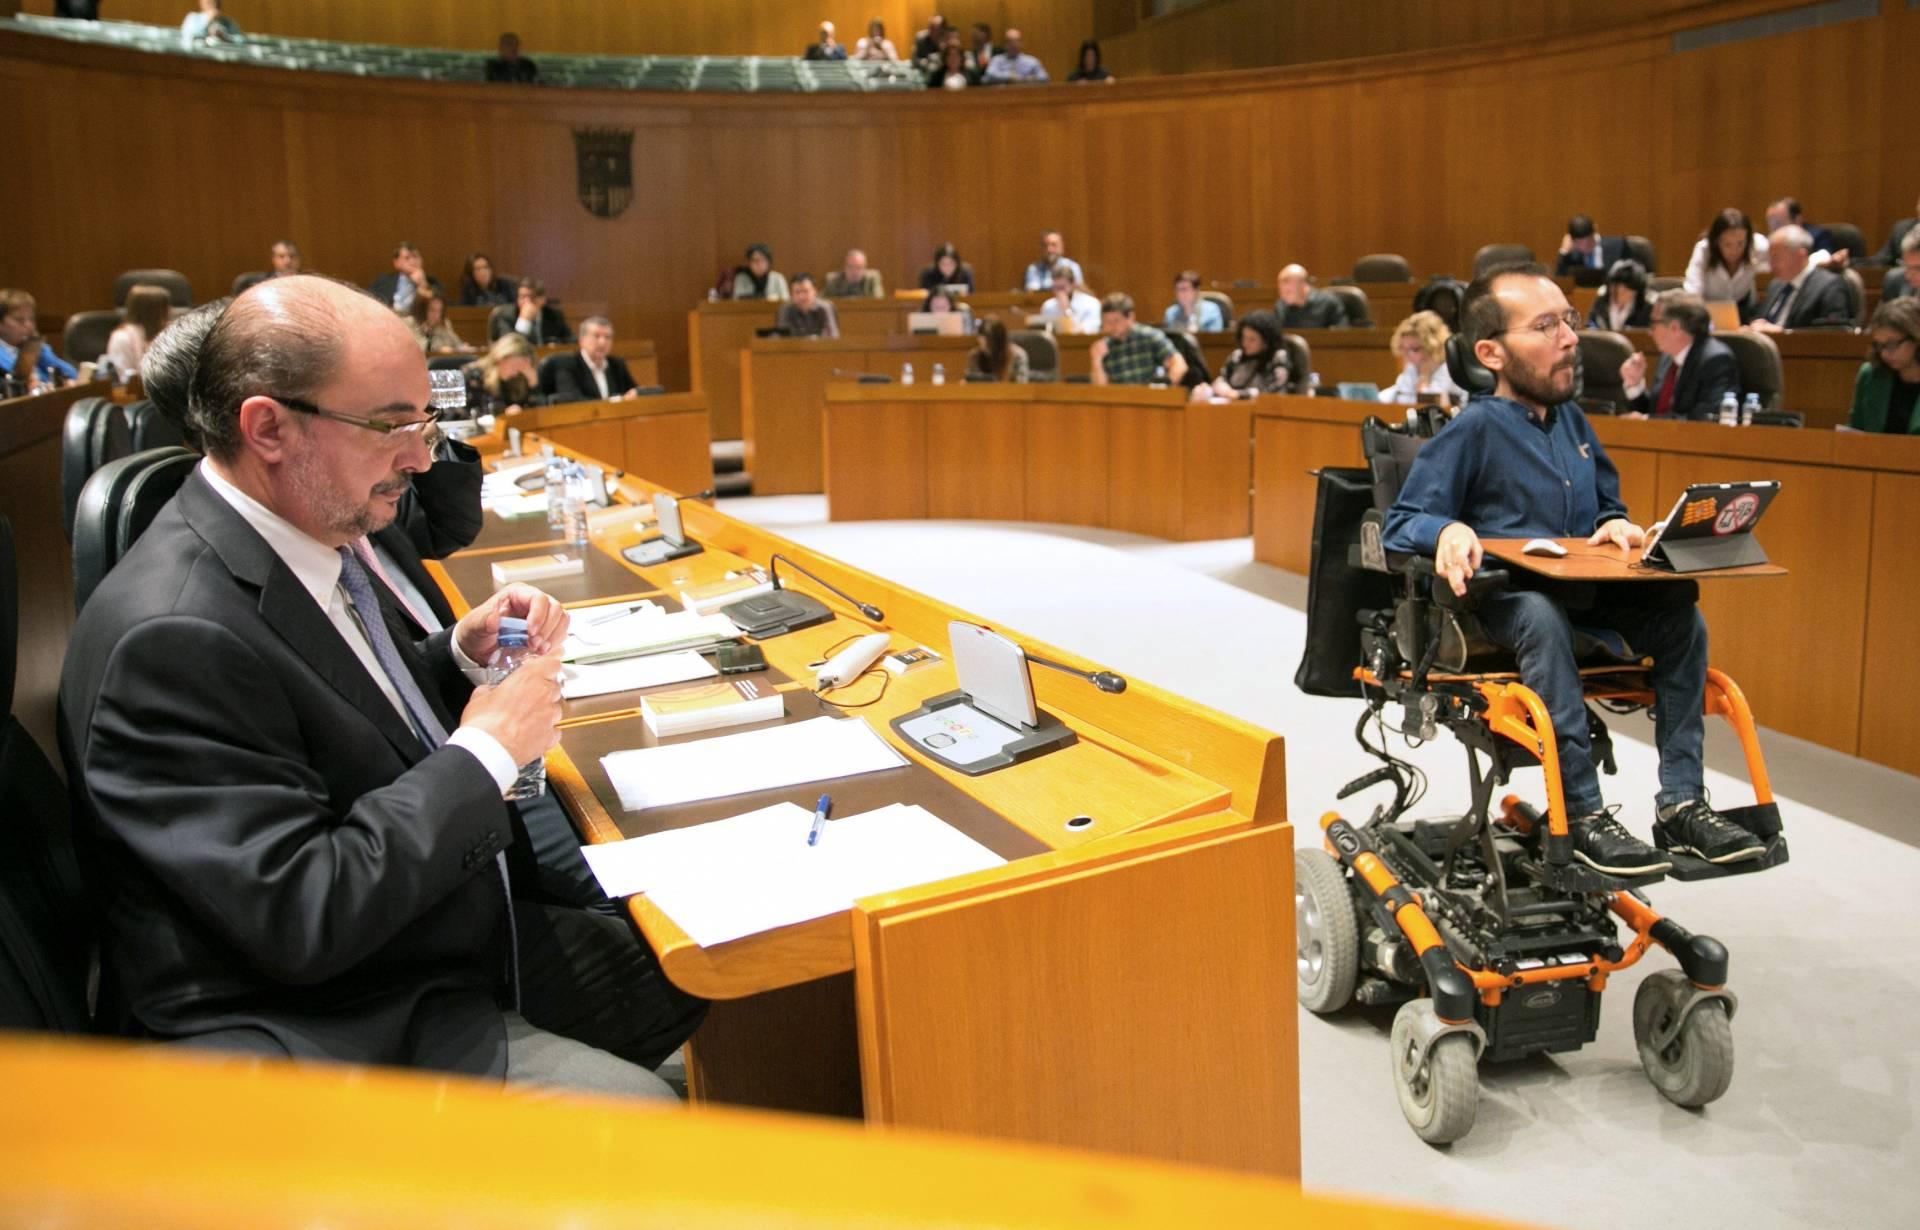 Pablo Echenique y Javier Lambán en el Parlamento aragonés.